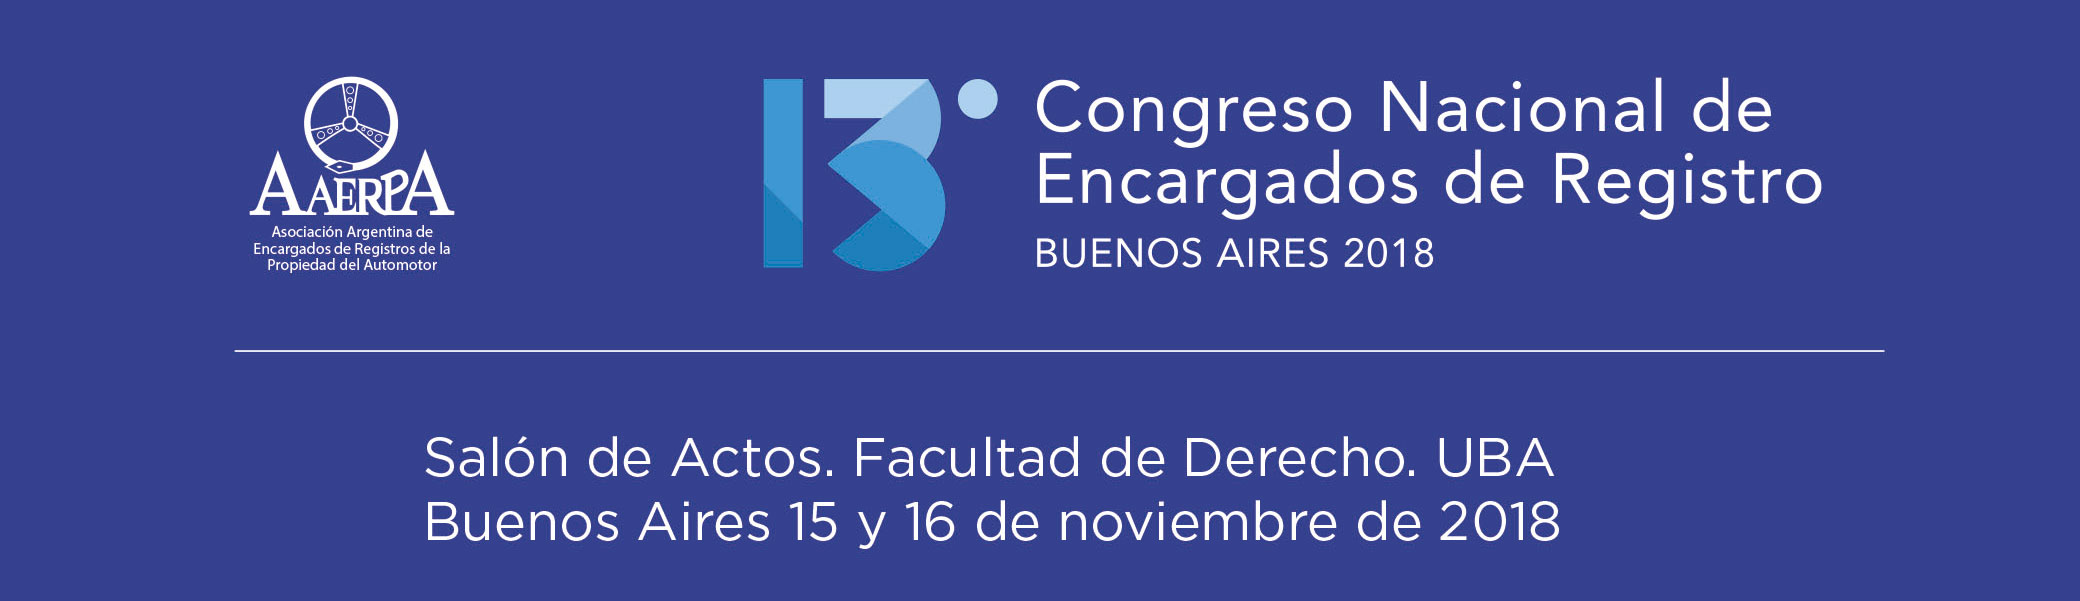 XIII Congreso Nacional de Encargados de Registro